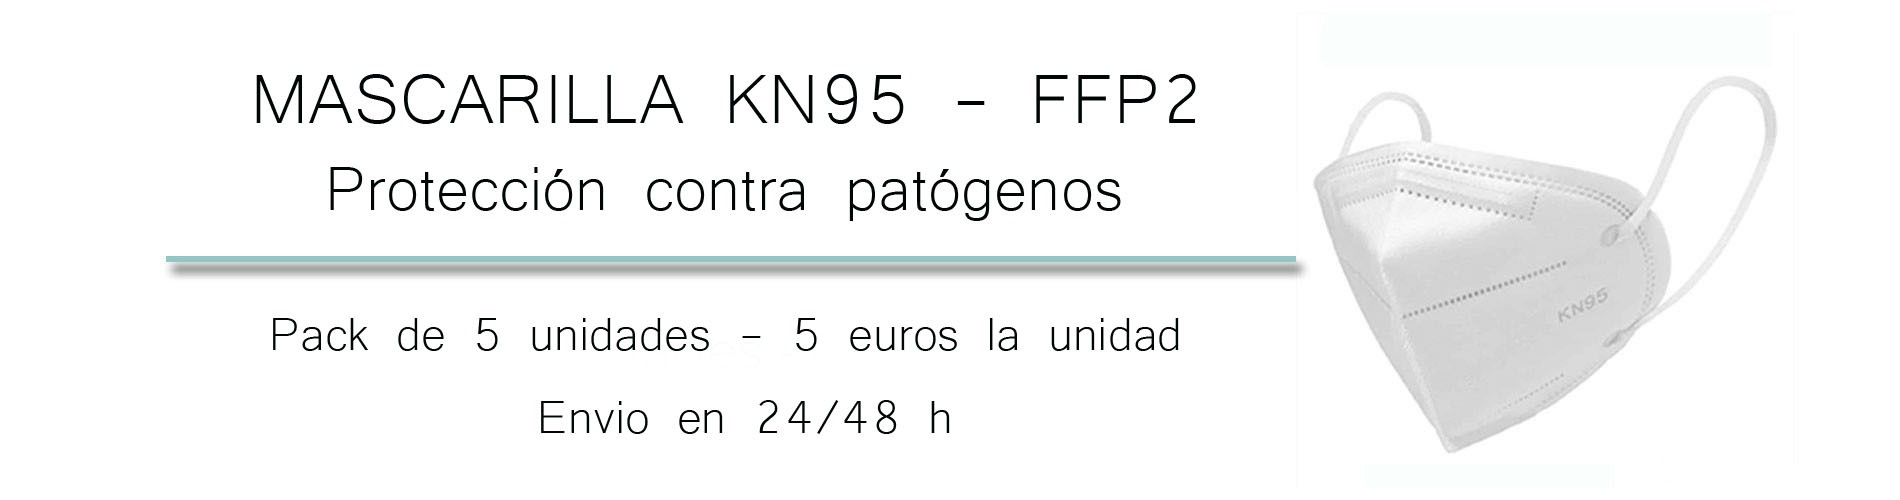 Mascarillas FFP2 - Pack de 5 unidades